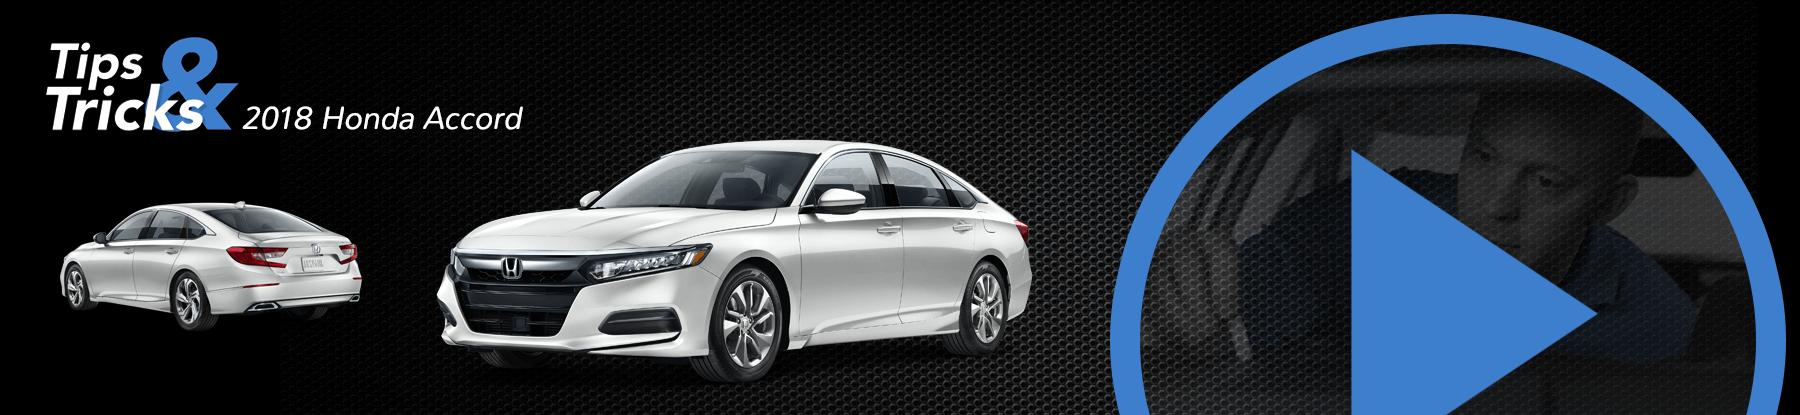 2018 Honda Accord Tips and Tricks Banner